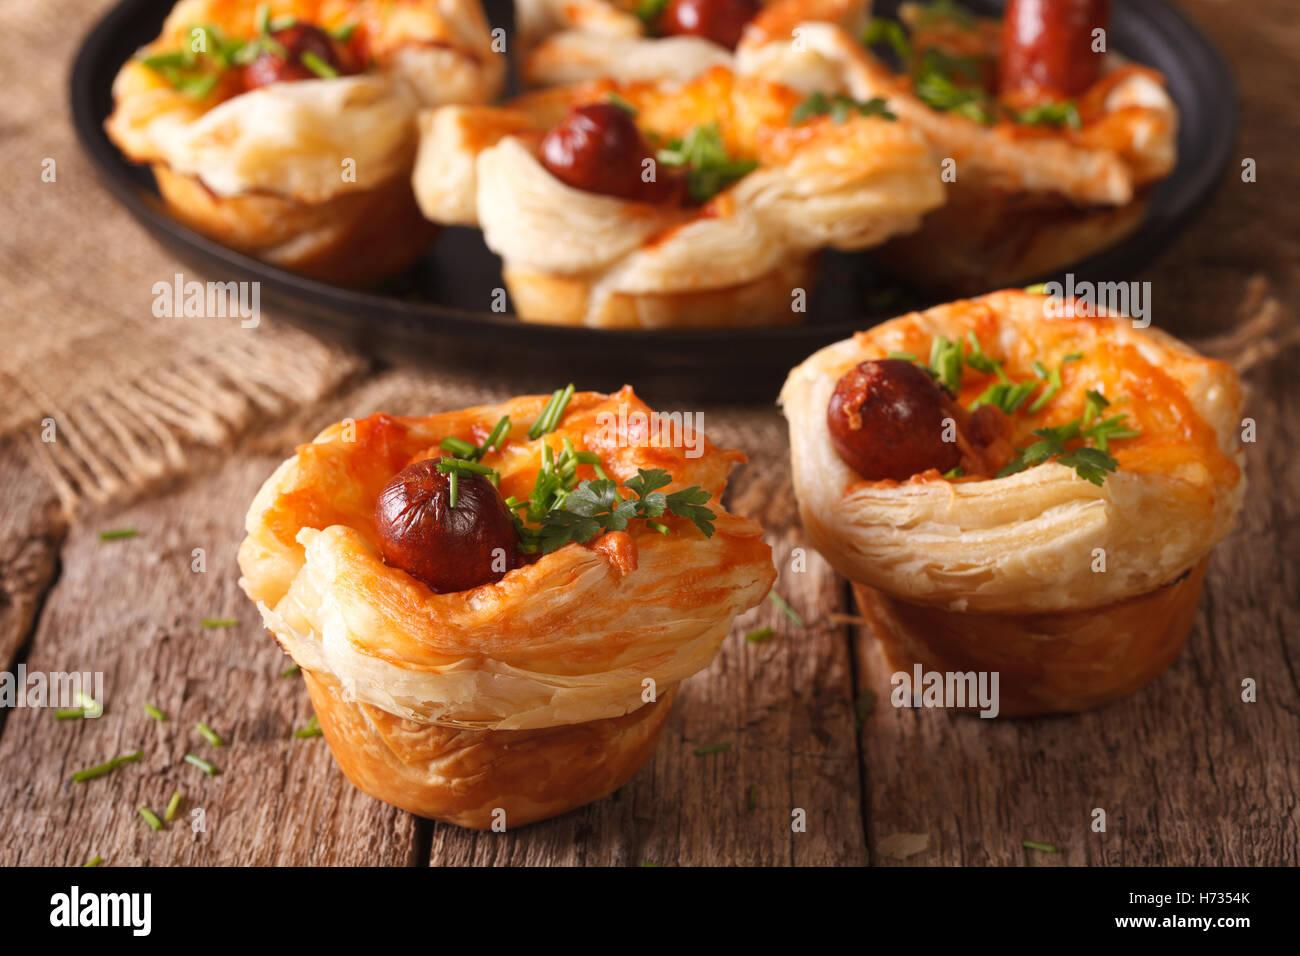 Panini dolci di pasta sfoglia con salsiccia e formaggio vicino sul tavolo. Posizione orizzontale Immagini Stock